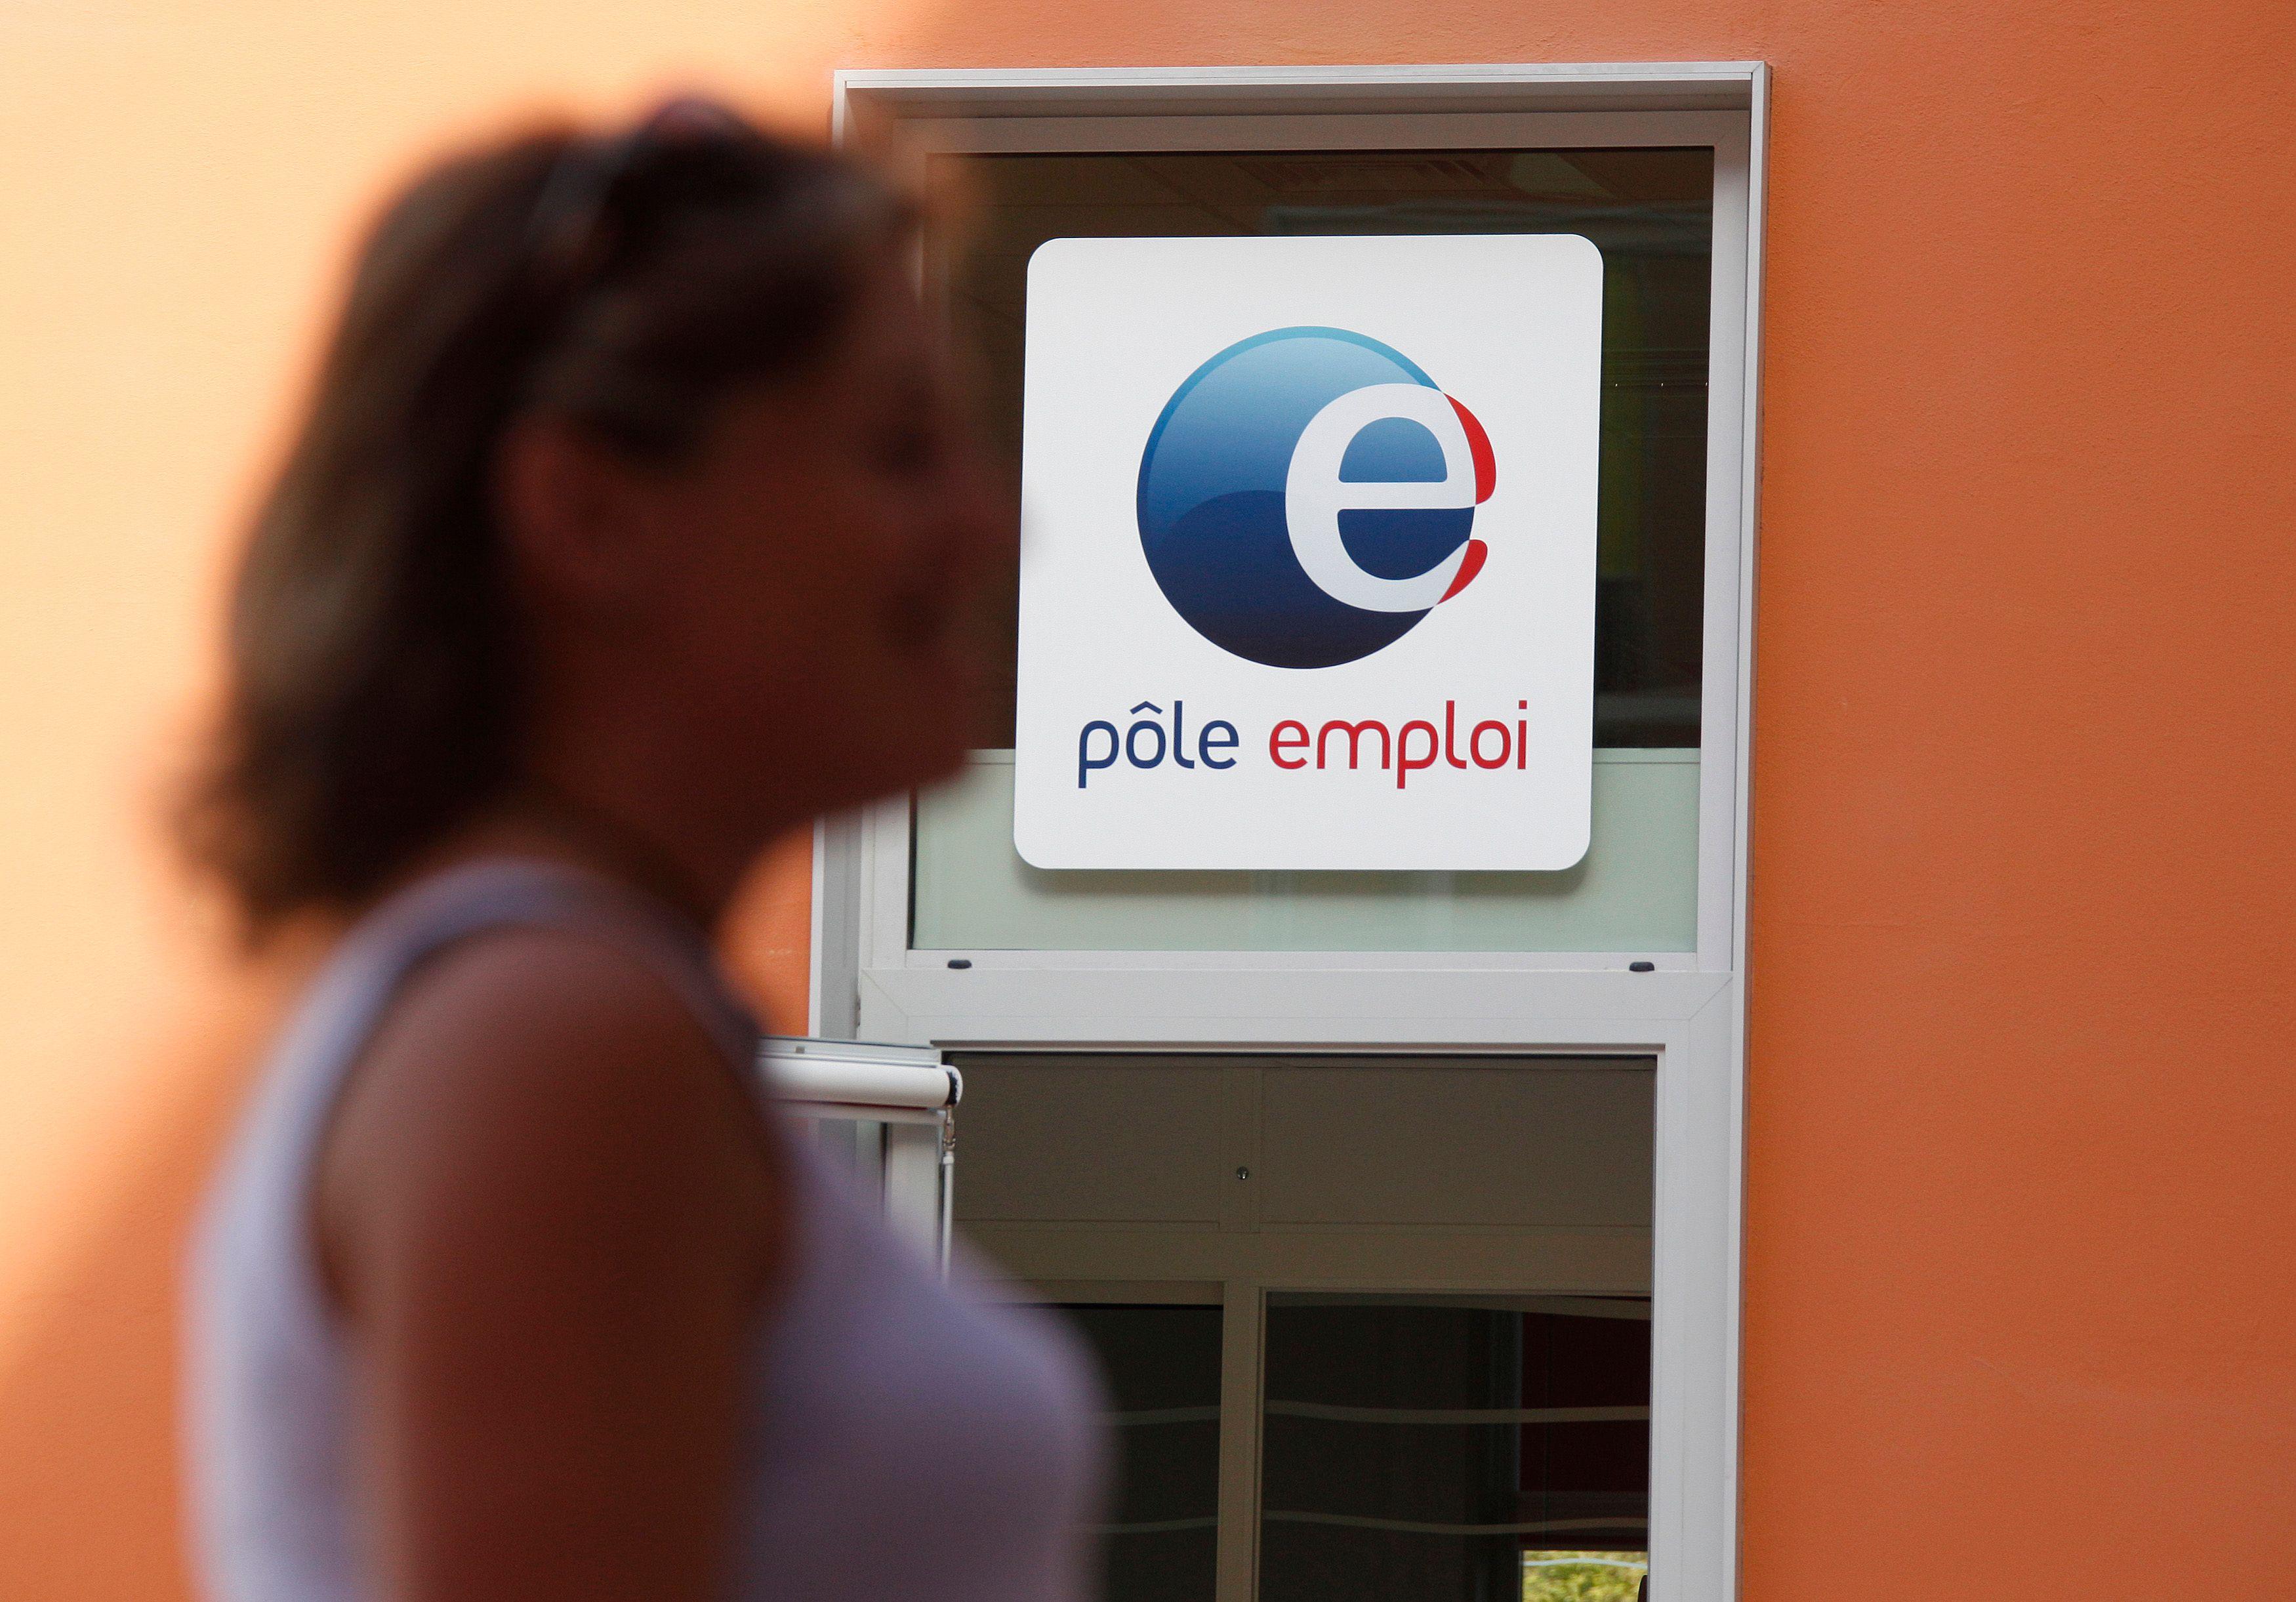 Chômage : 10 200 demandeurs d'emploi en plus en décembre 2013, pas d'inversion de la courbe